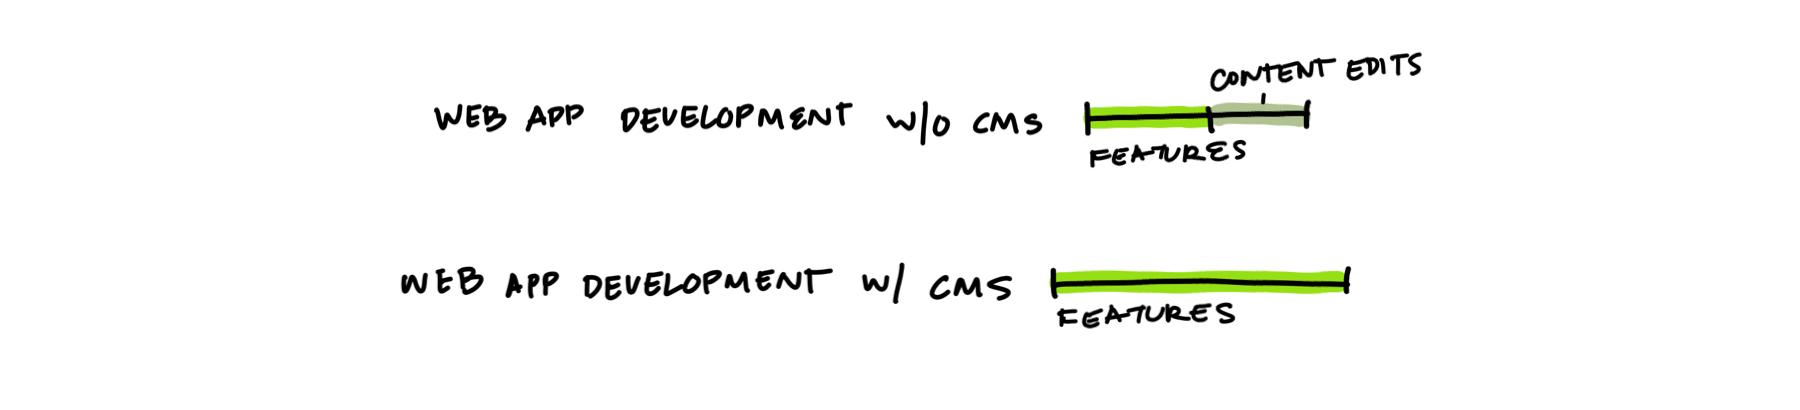 Comparison of developer resources.